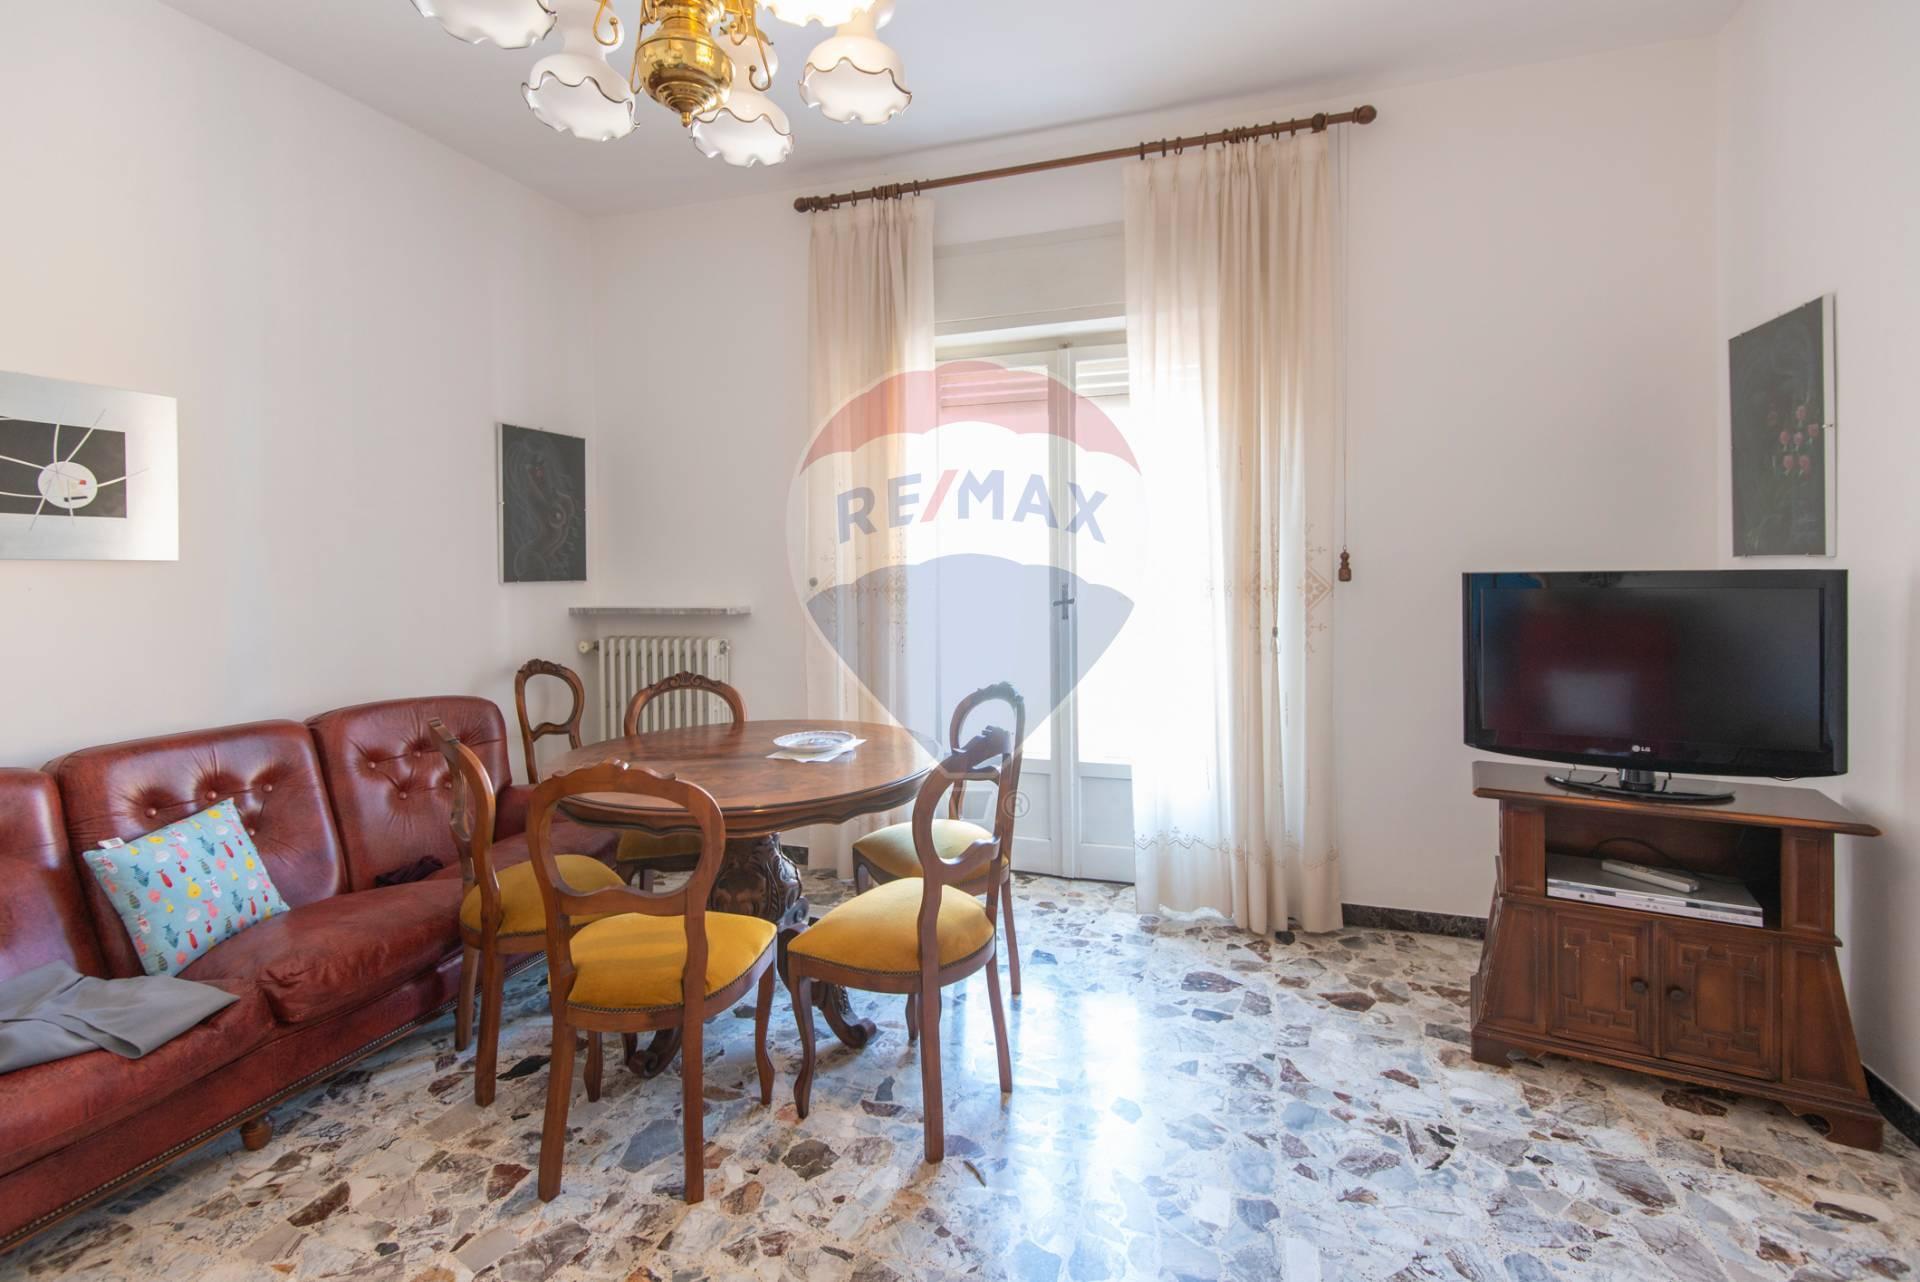 Appartamento in vendita a Chiaravalle, 5 locali, prezzo € 85.000 | CambioCasa.it